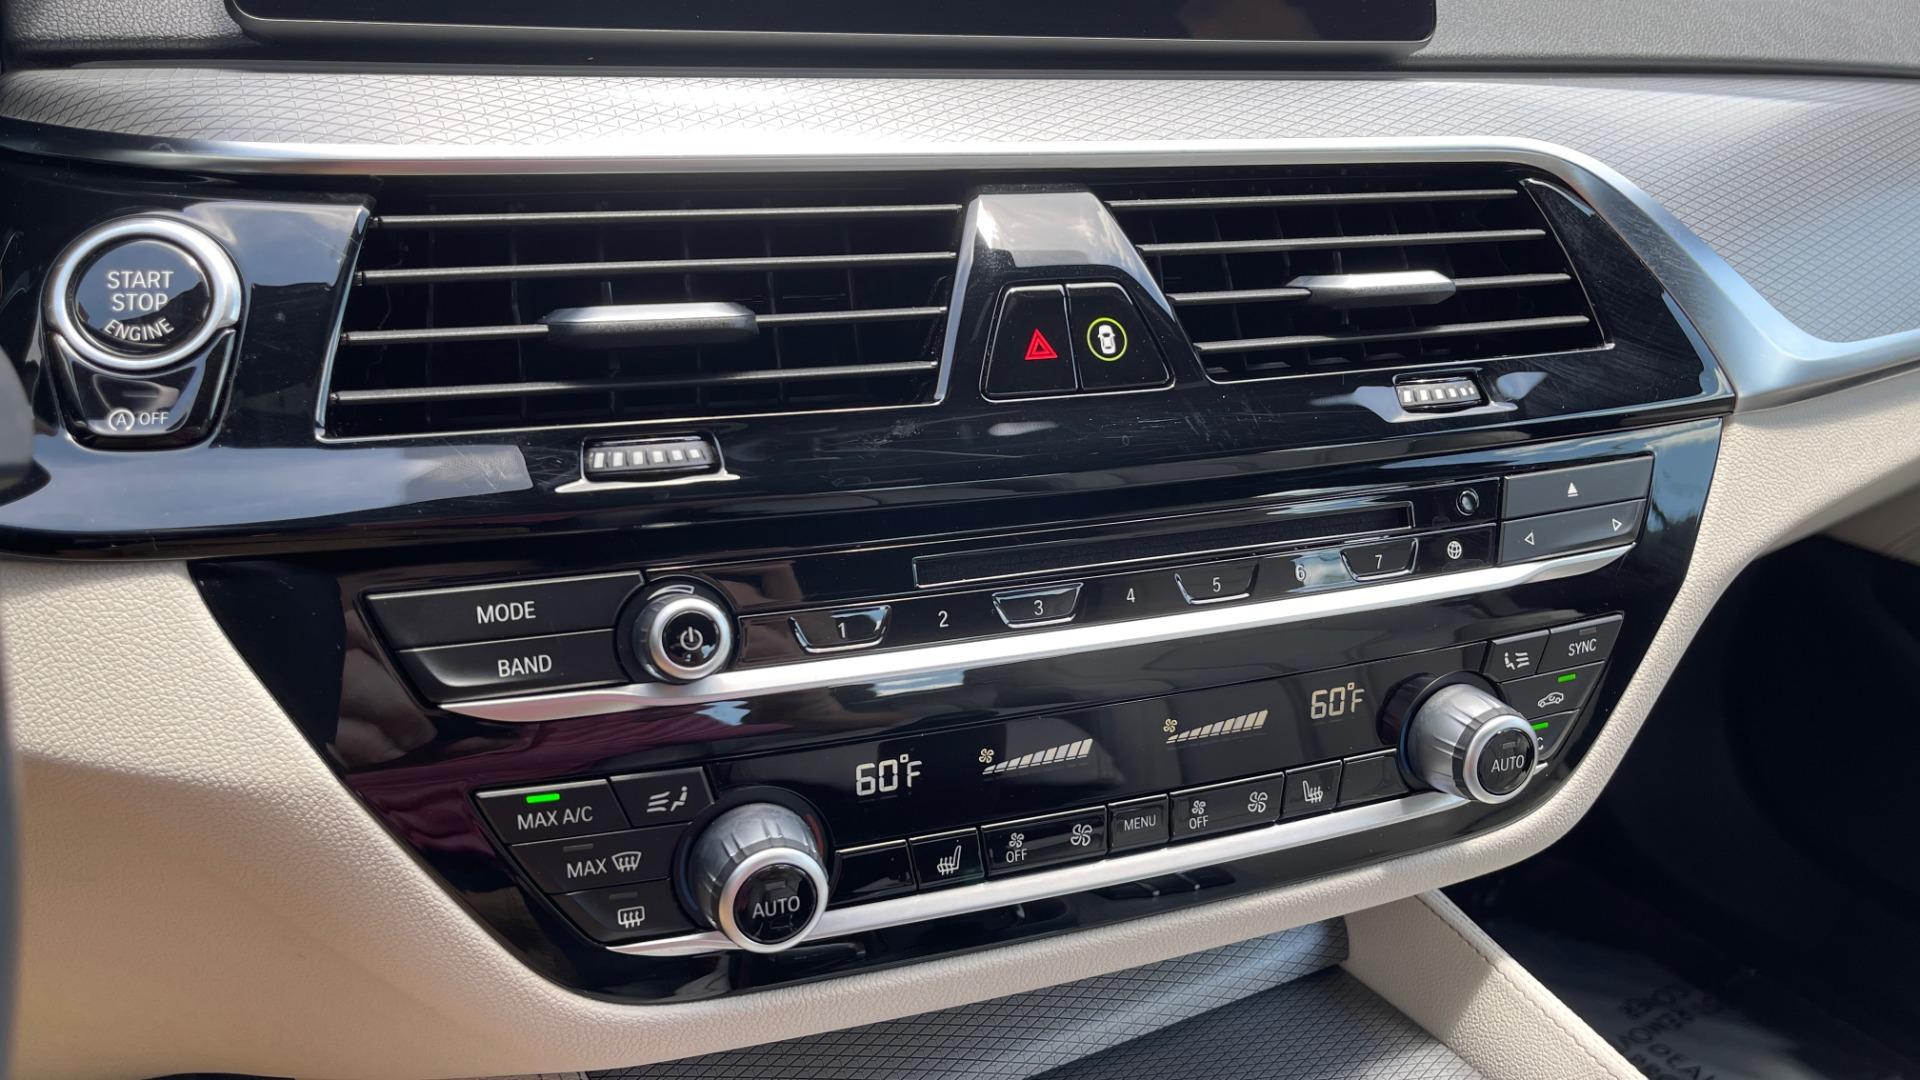 Used 2018 BMW 5 SERIES 540I M-SPORT / EXECUTIVE PKG / DRVR ASST PKG / BLIND SPOT / LANE DEPART for sale $40,995 at Formula Imports in Charlotte NC 28227 52